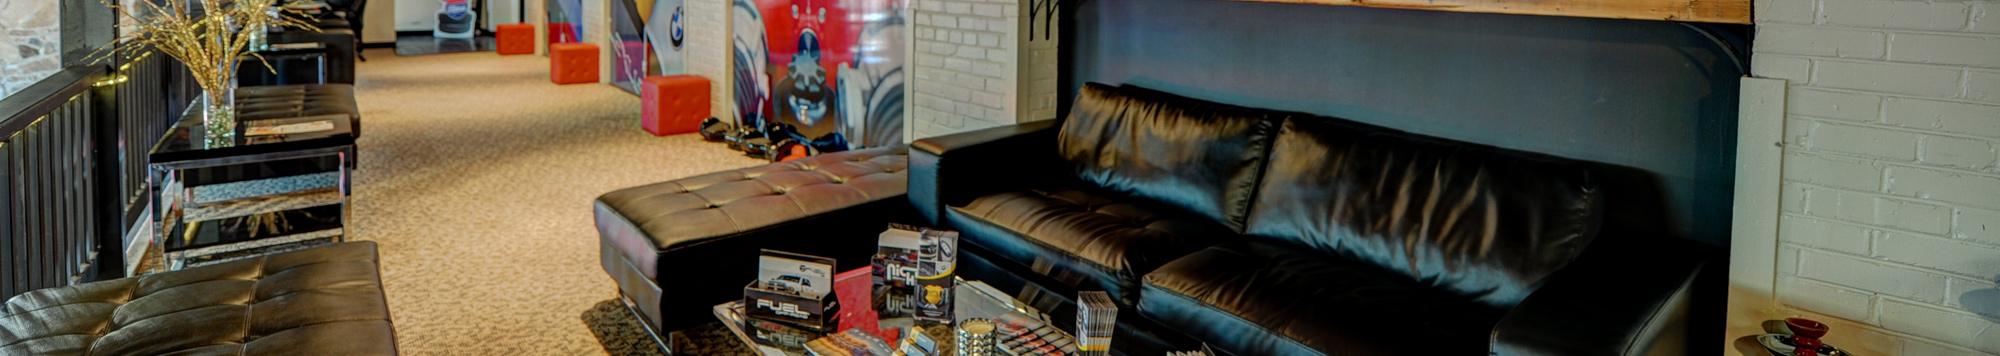 mtk trades used cars richmond va dealer. Black Bedroom Furniture Sets. Home Design Ideas